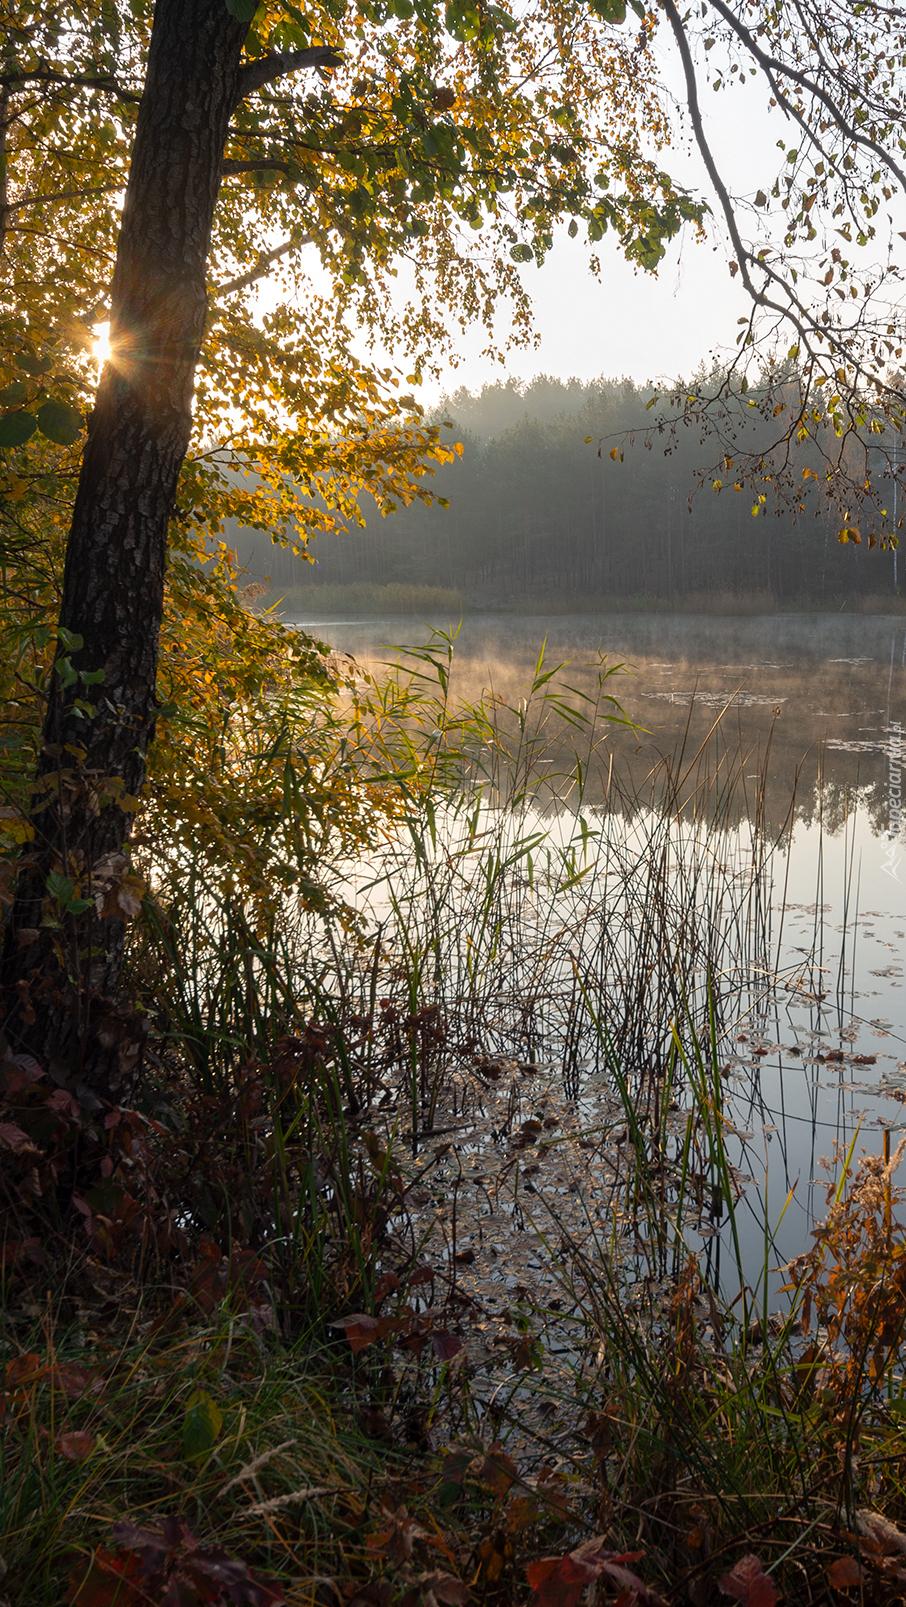 Szuwary pod drzewem na brzegu jeziora